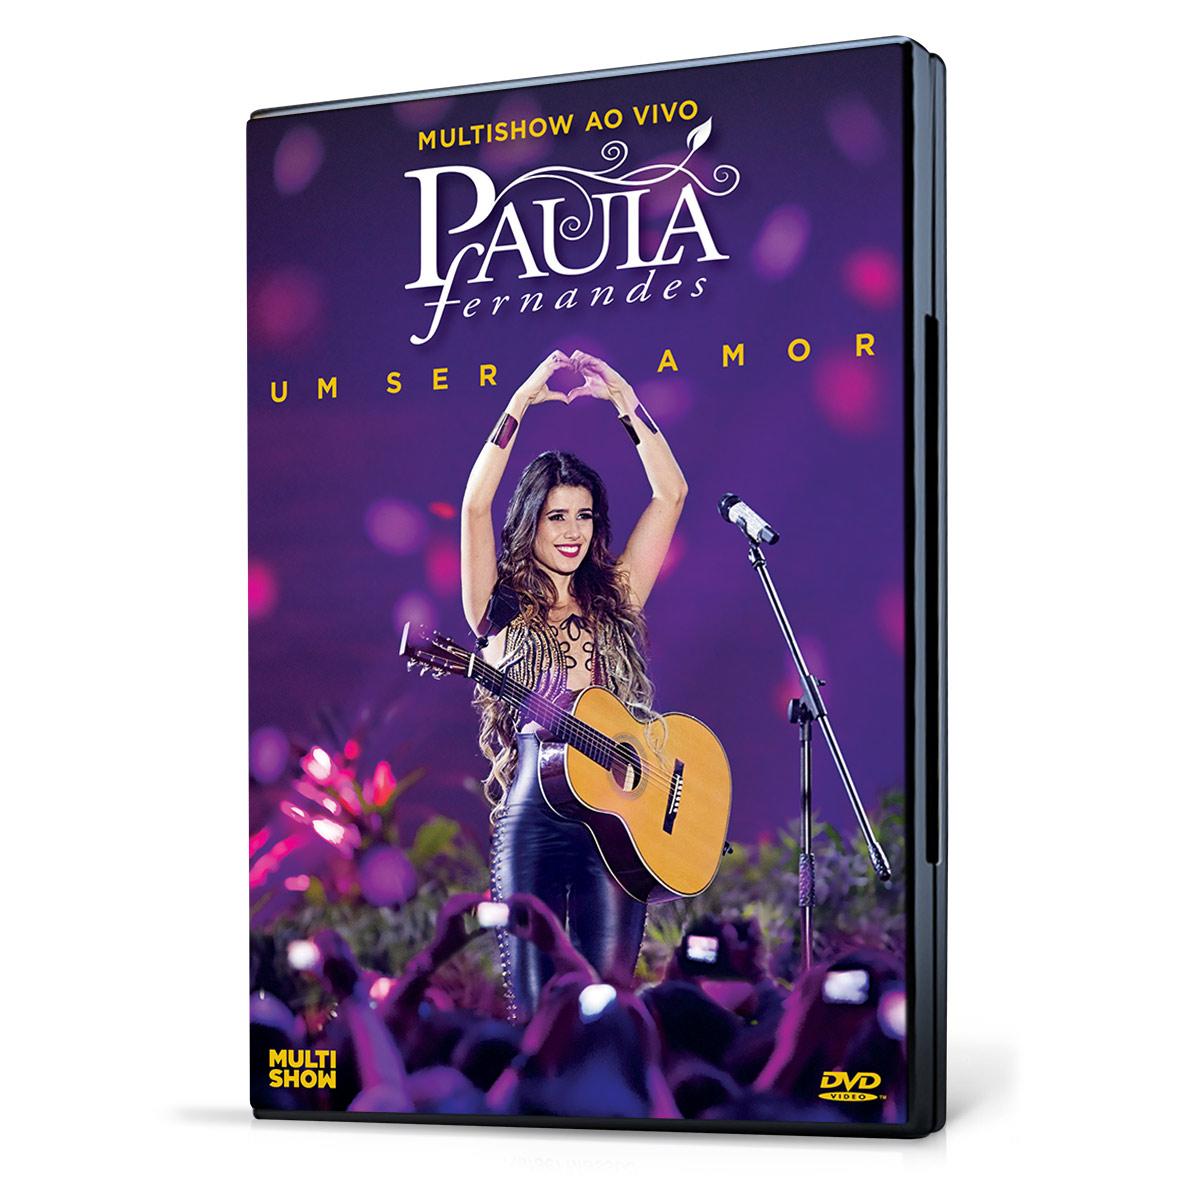 DVD Paula Fernandes Um Ser Amor - Ao Vivo no Multishow